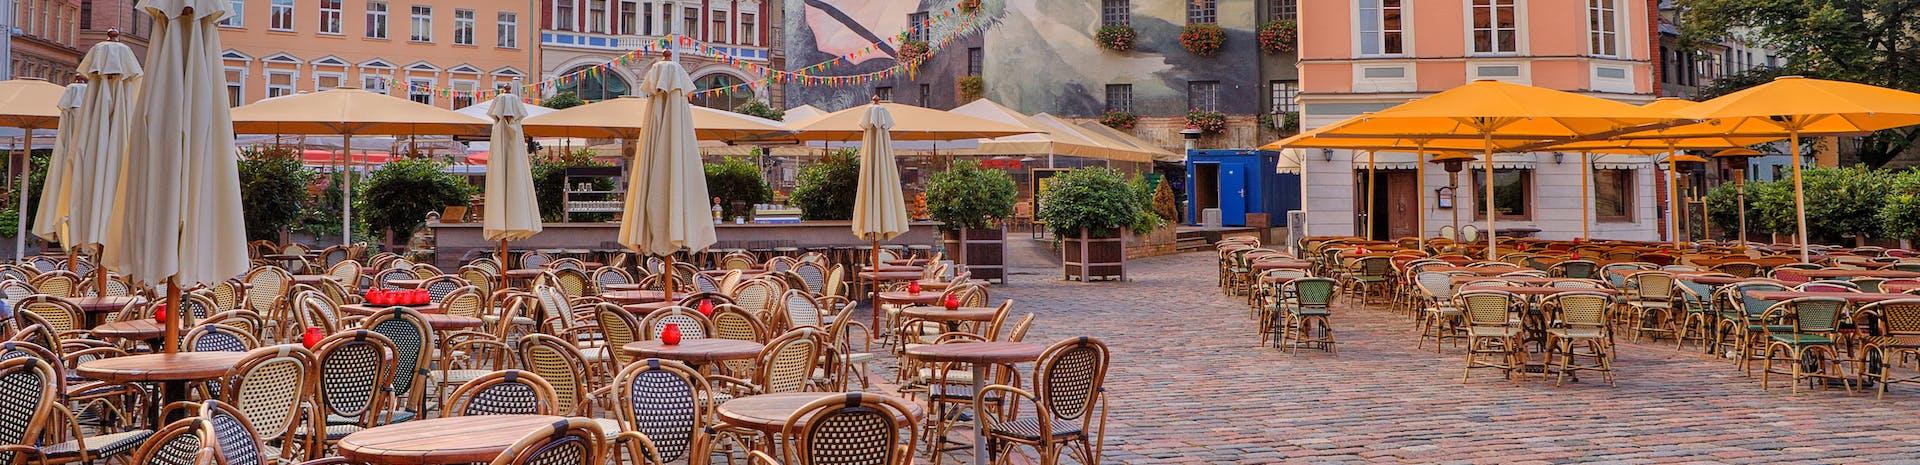 Picture of Daugavpils